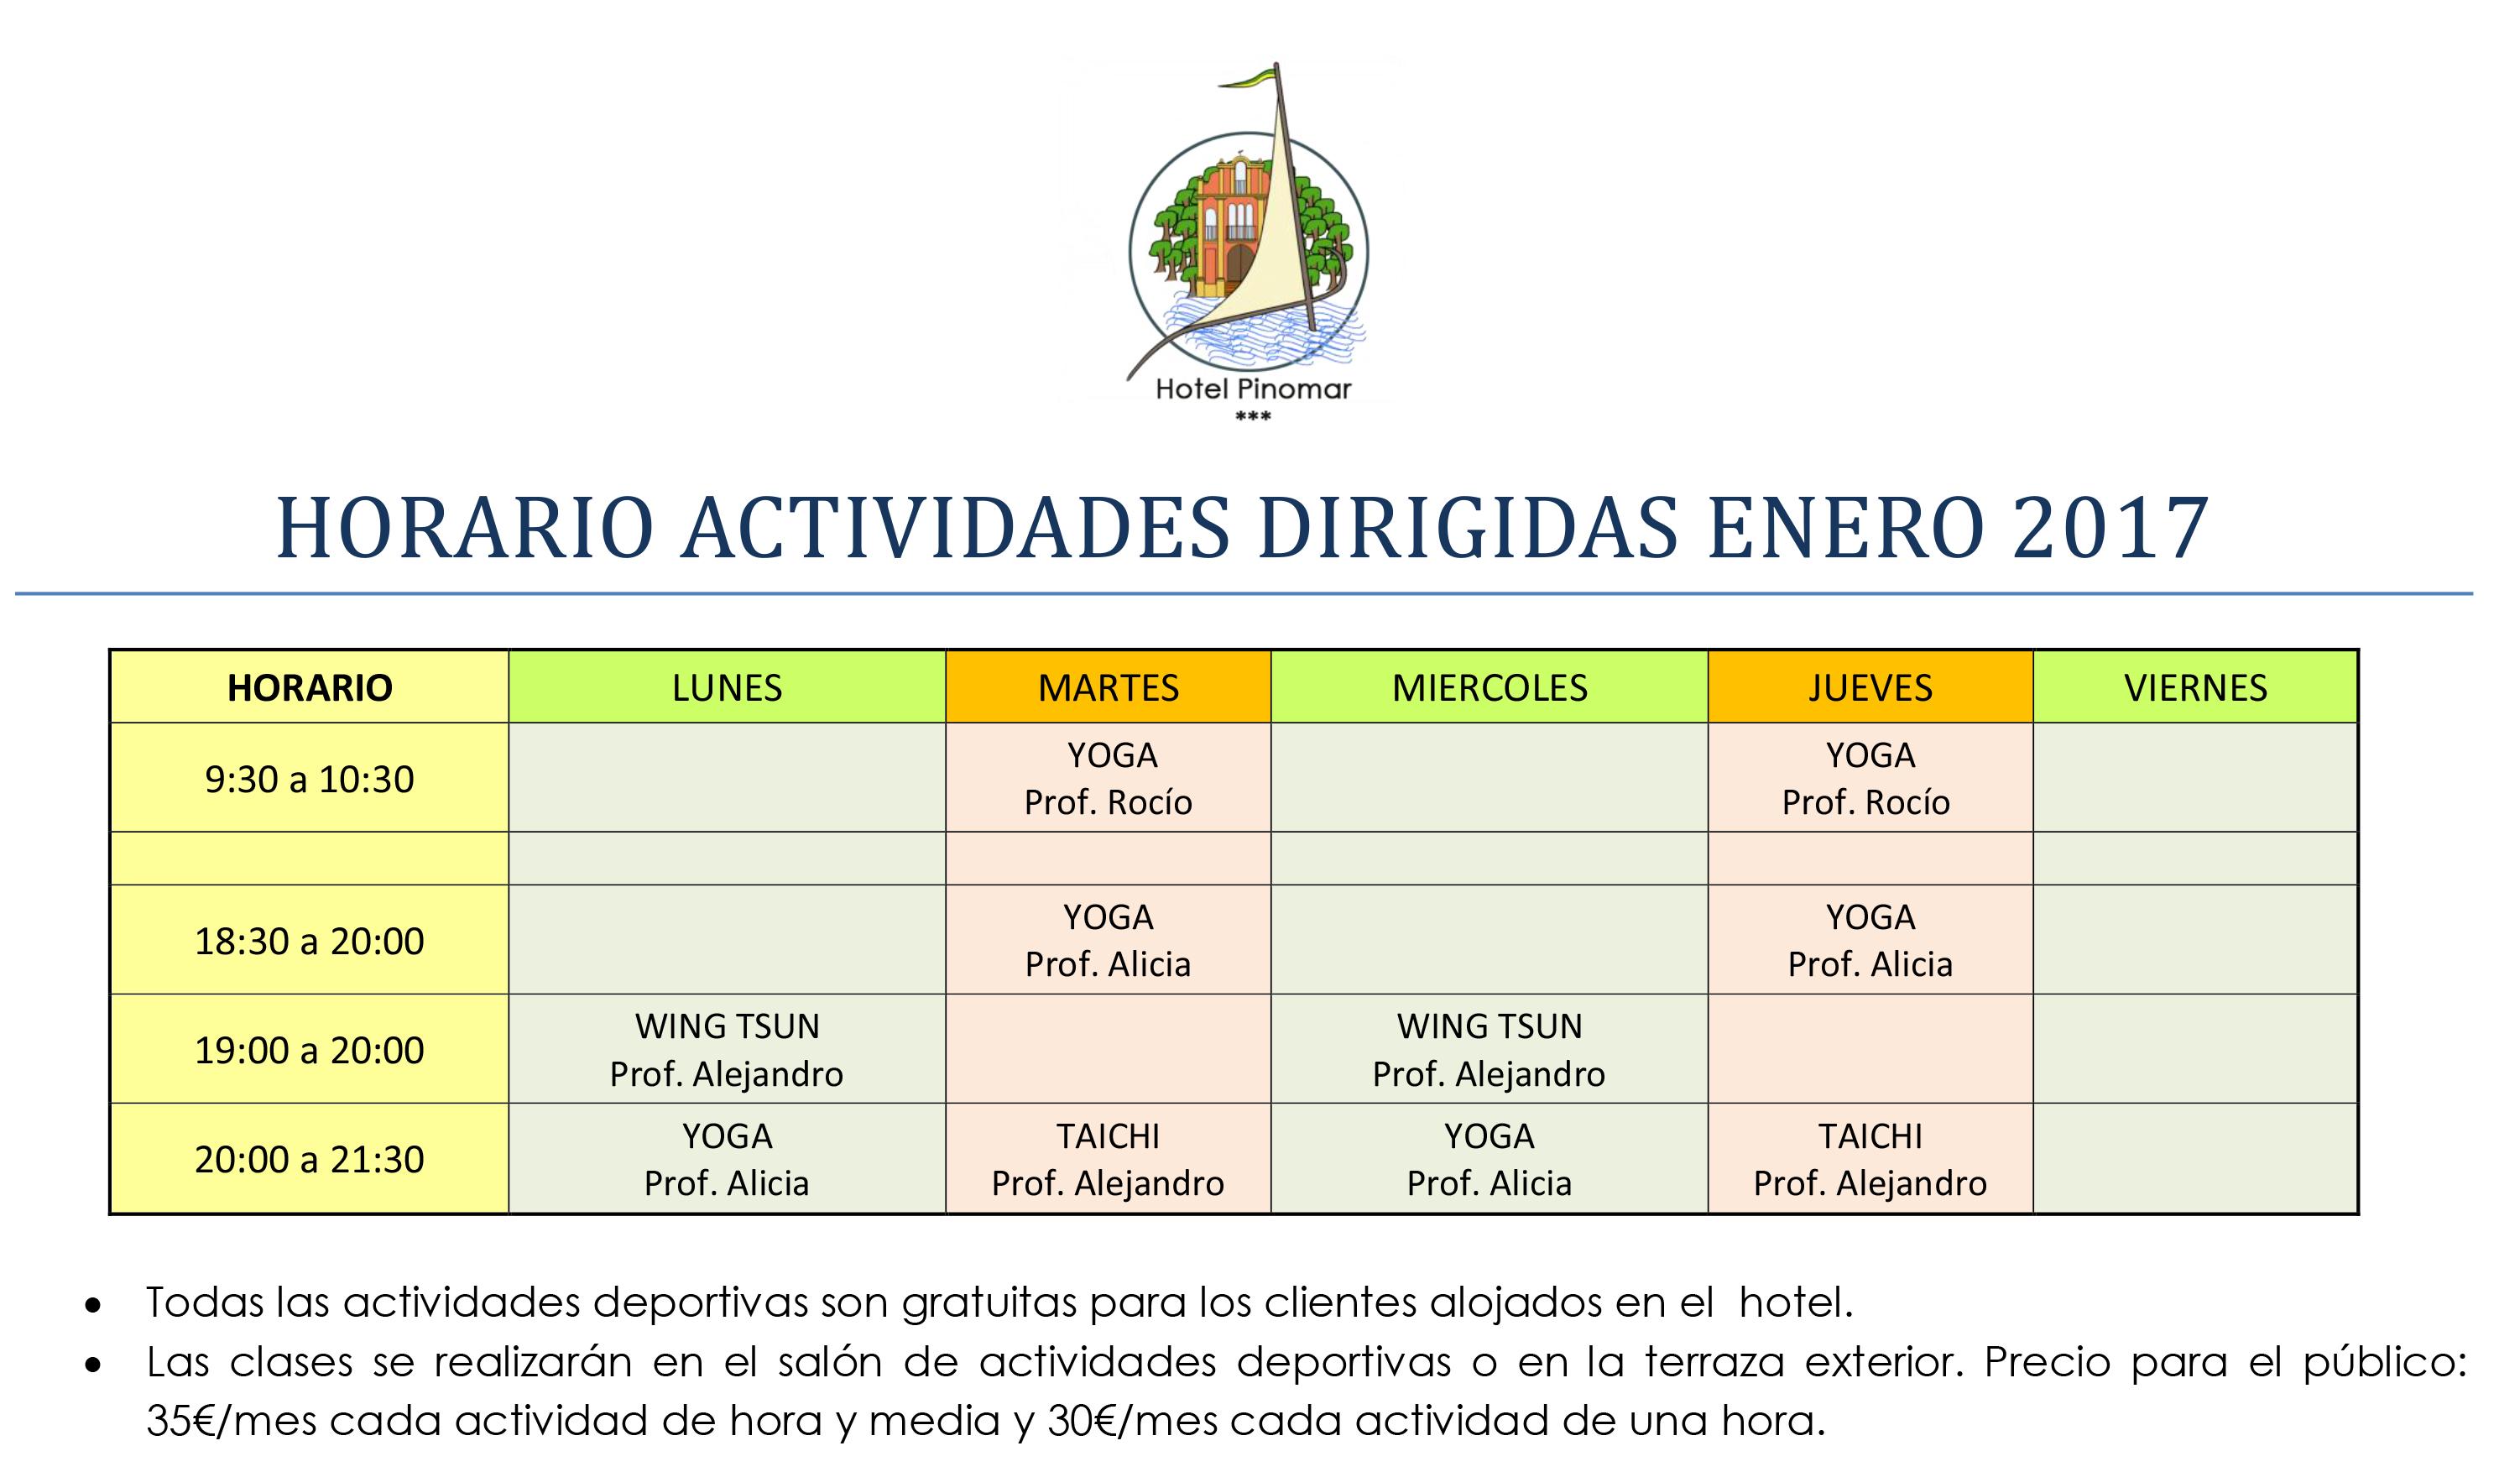 horario-actividades-dirigidas-enero-2017